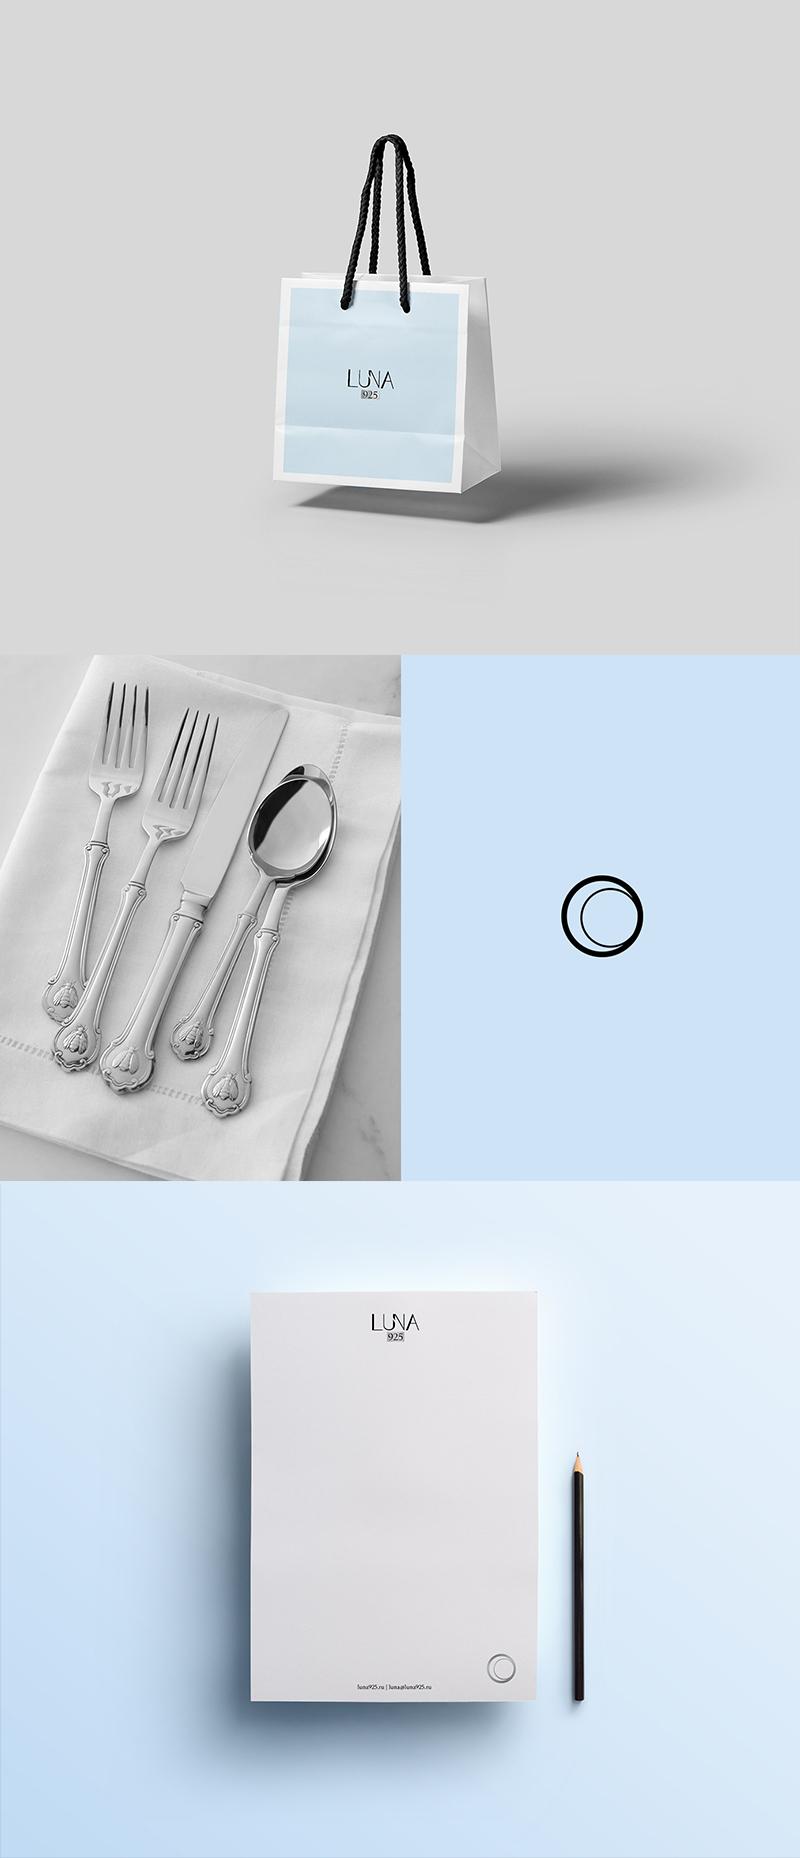 Фирменный стиль и лого для столового серебра (Конкурс - 1 место)